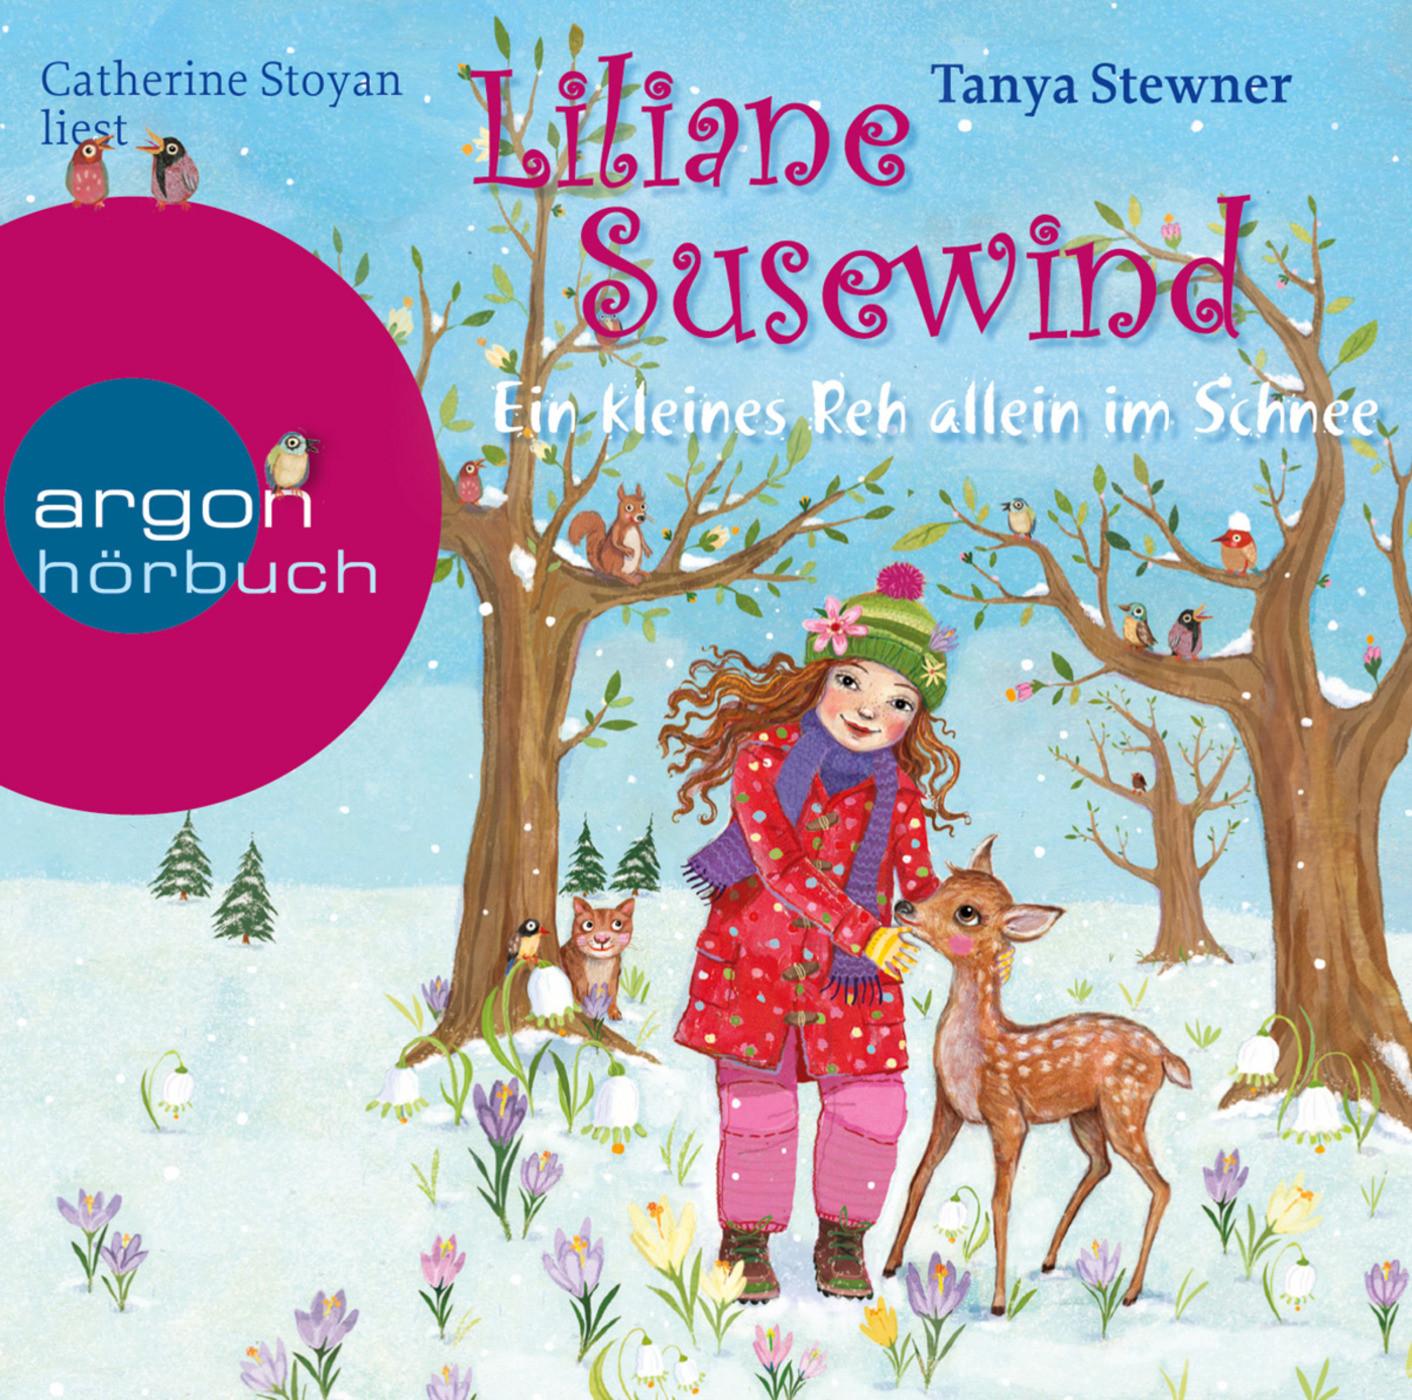 Tanya Stewner - Liliane Susewind – Ein kleines Reh allein